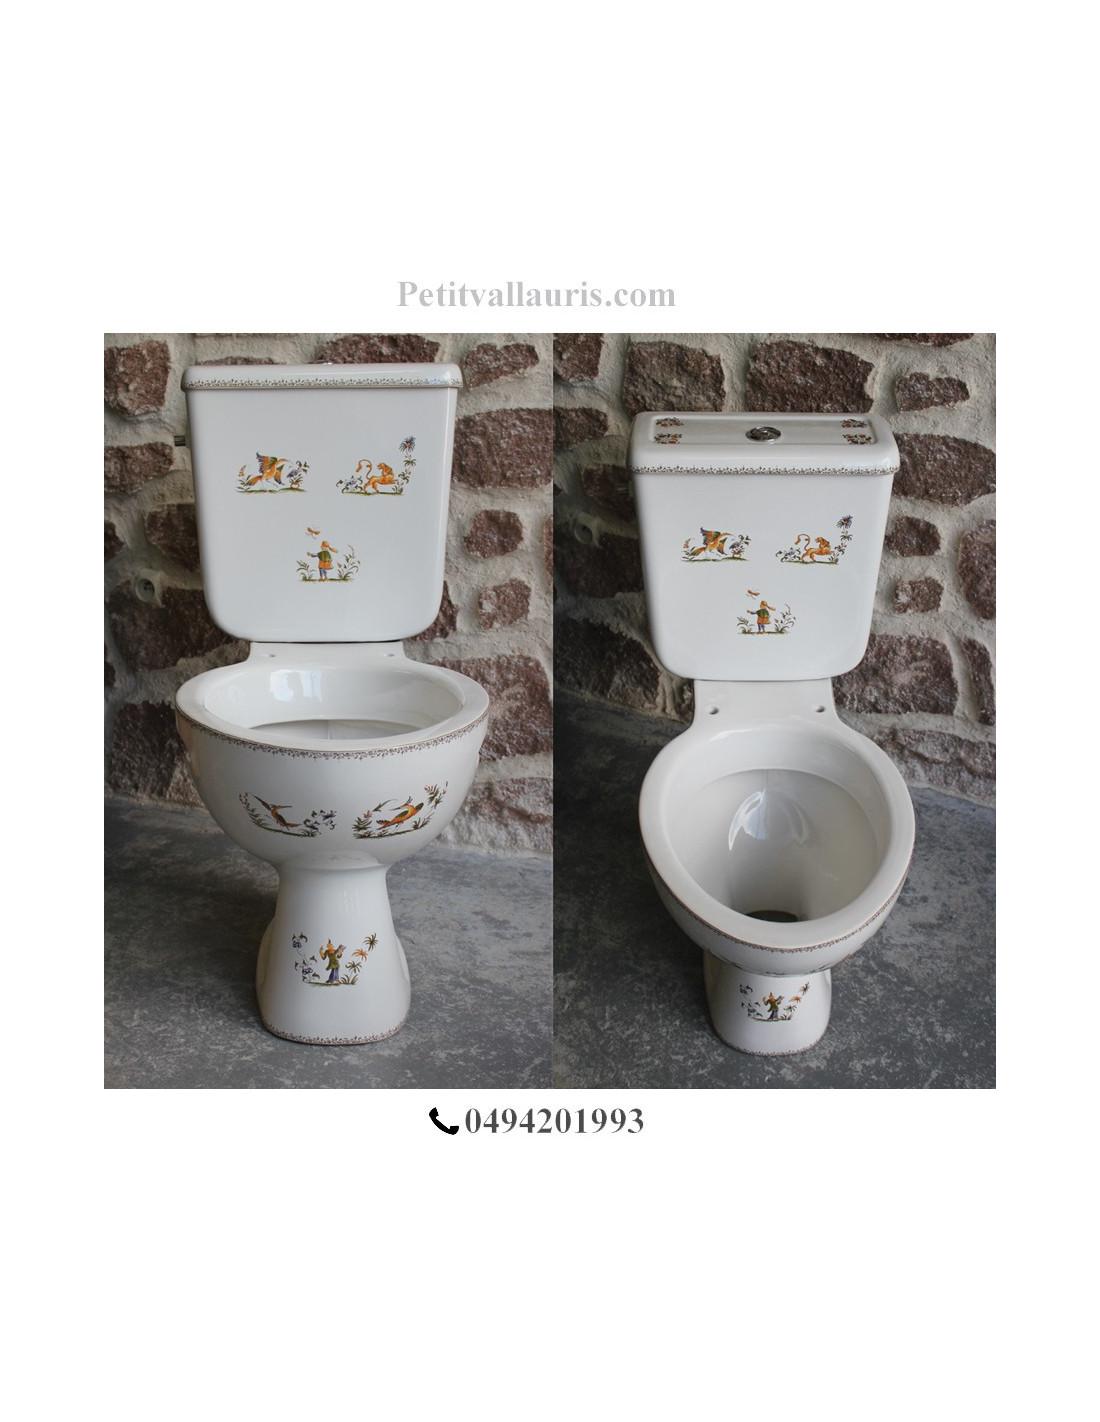 toilettes wc dcor tradition vieux moustiers polychrome